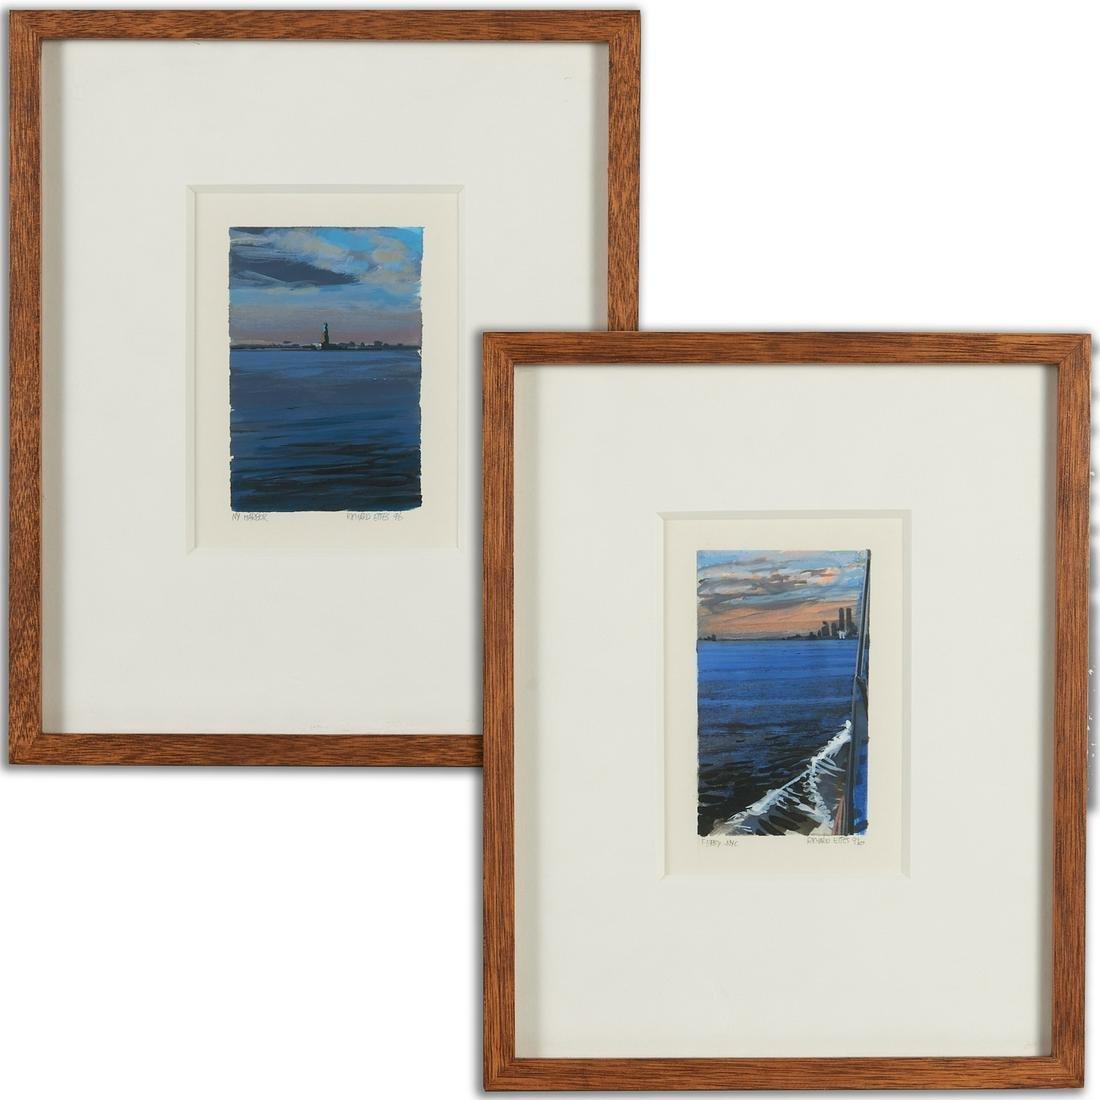 Richard Estes, (2) watercolors on paper, 1996